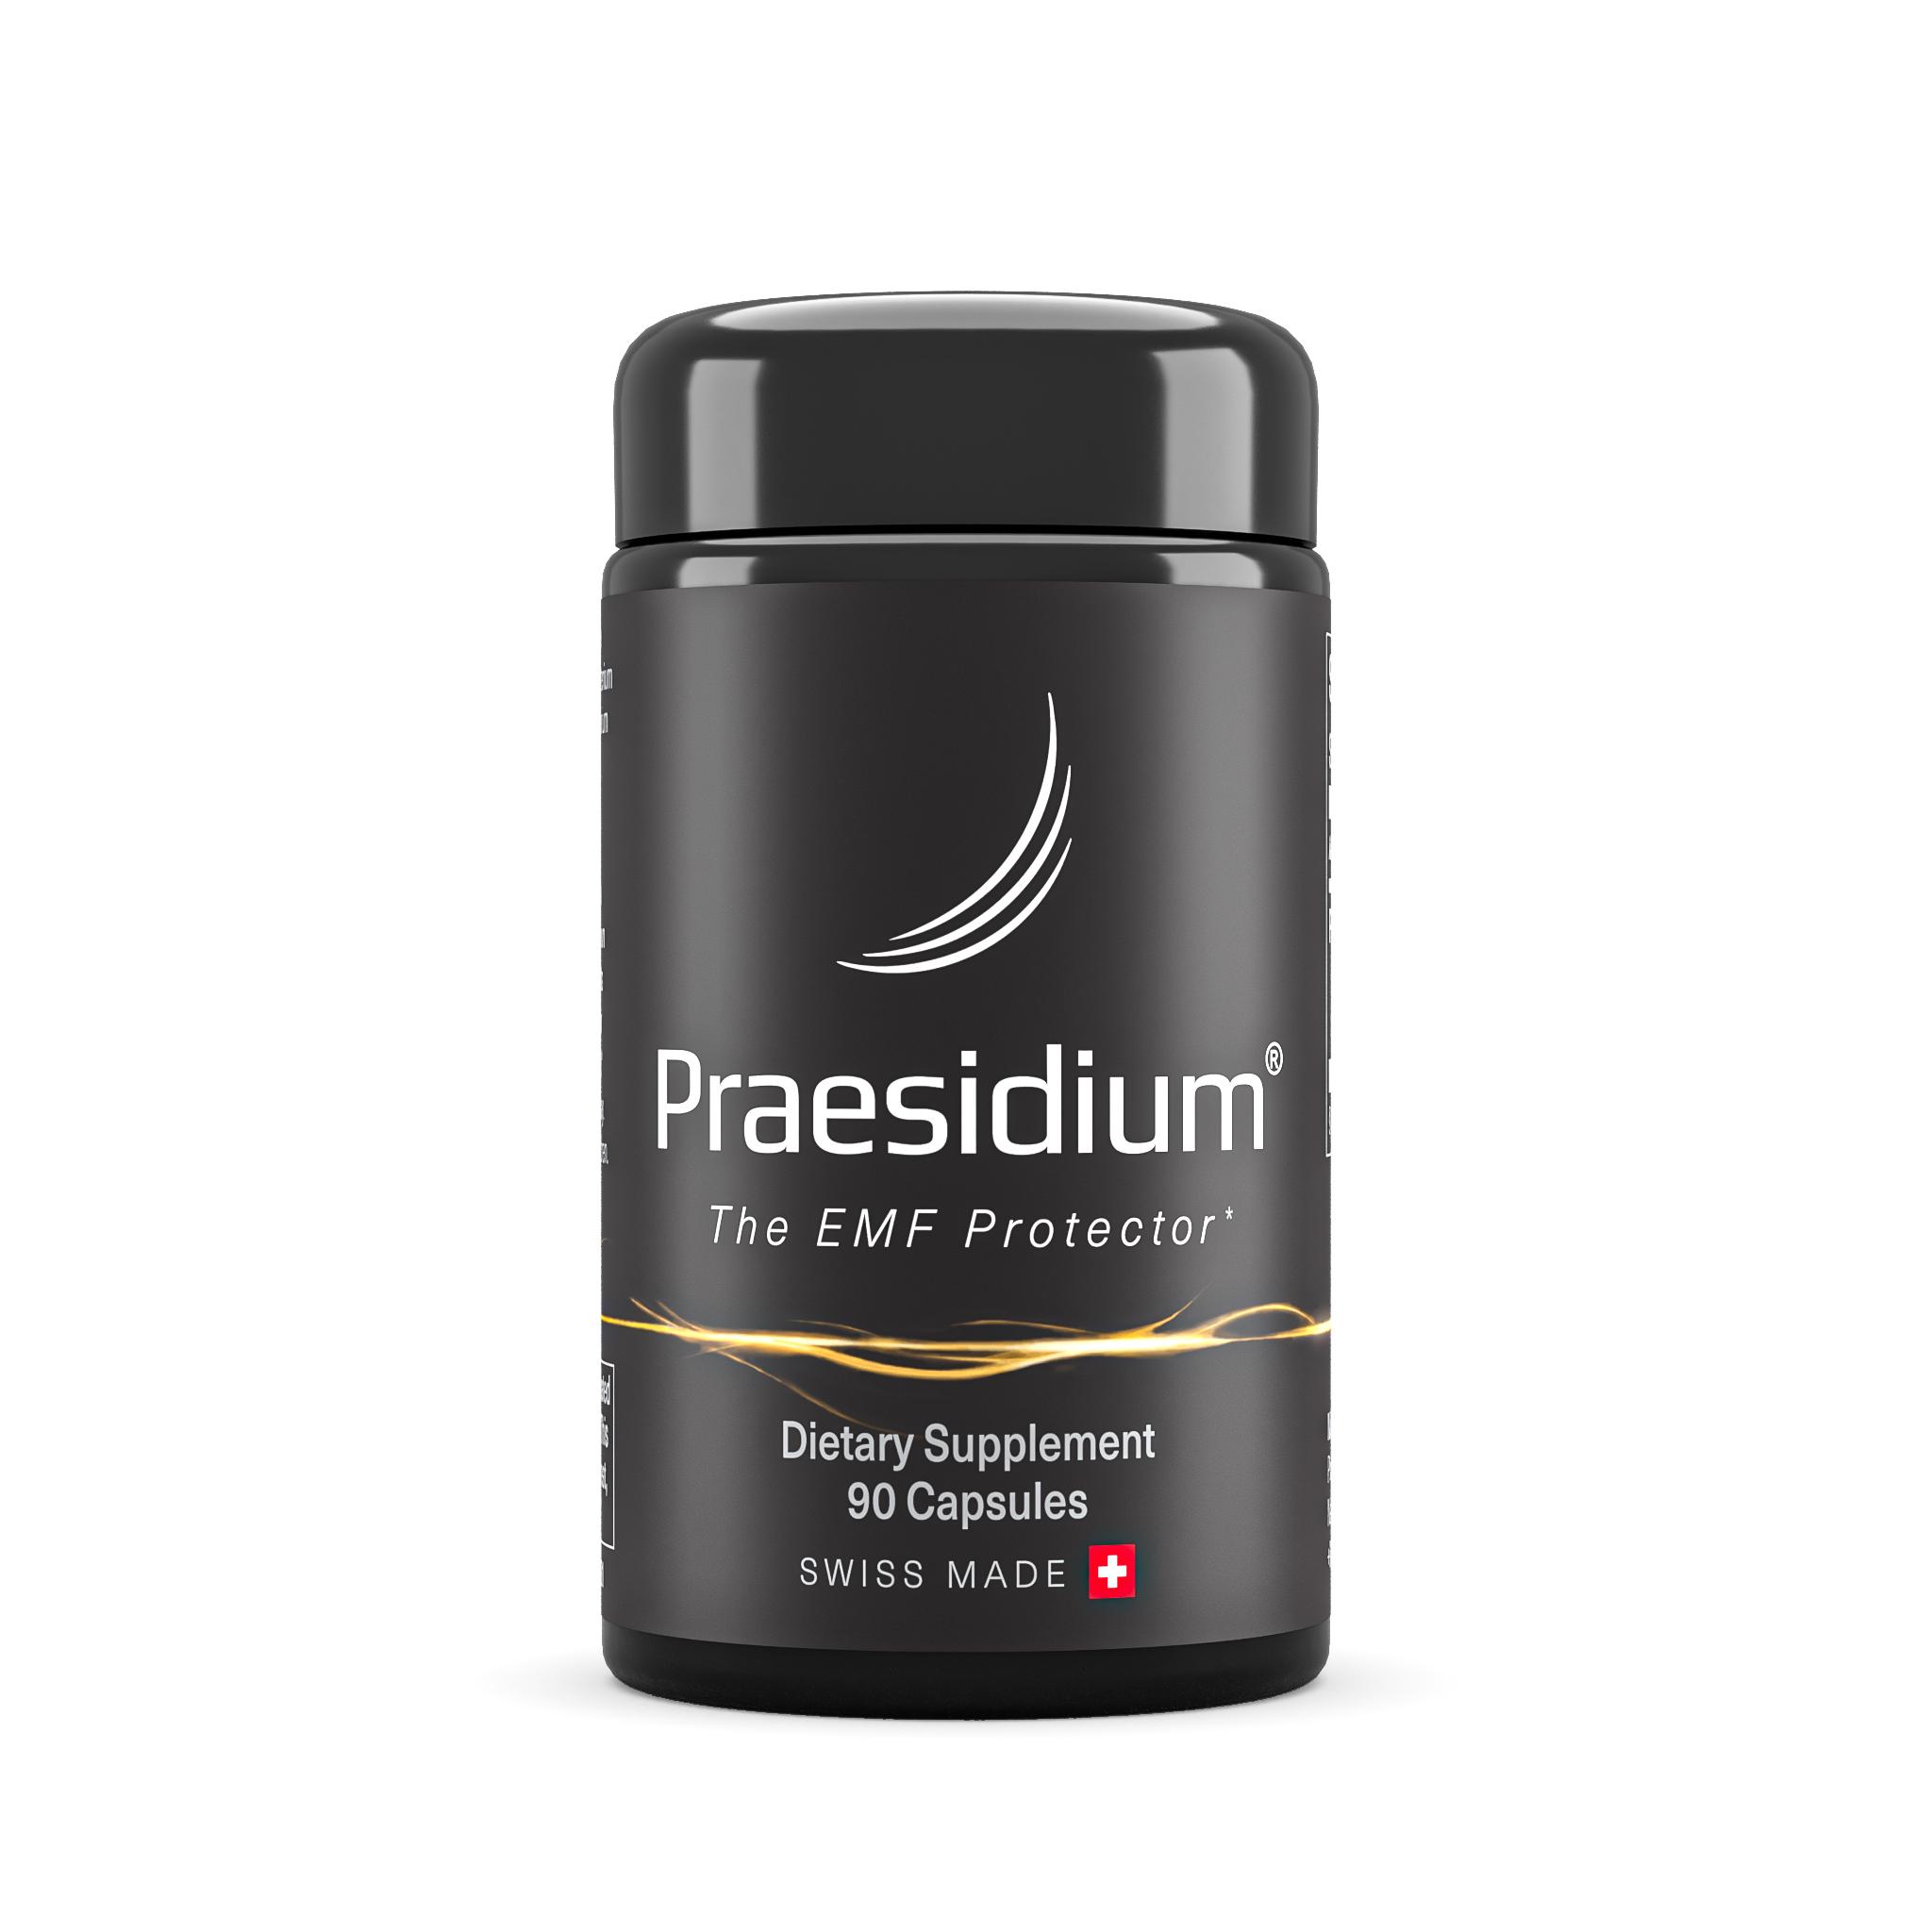 Praesidium